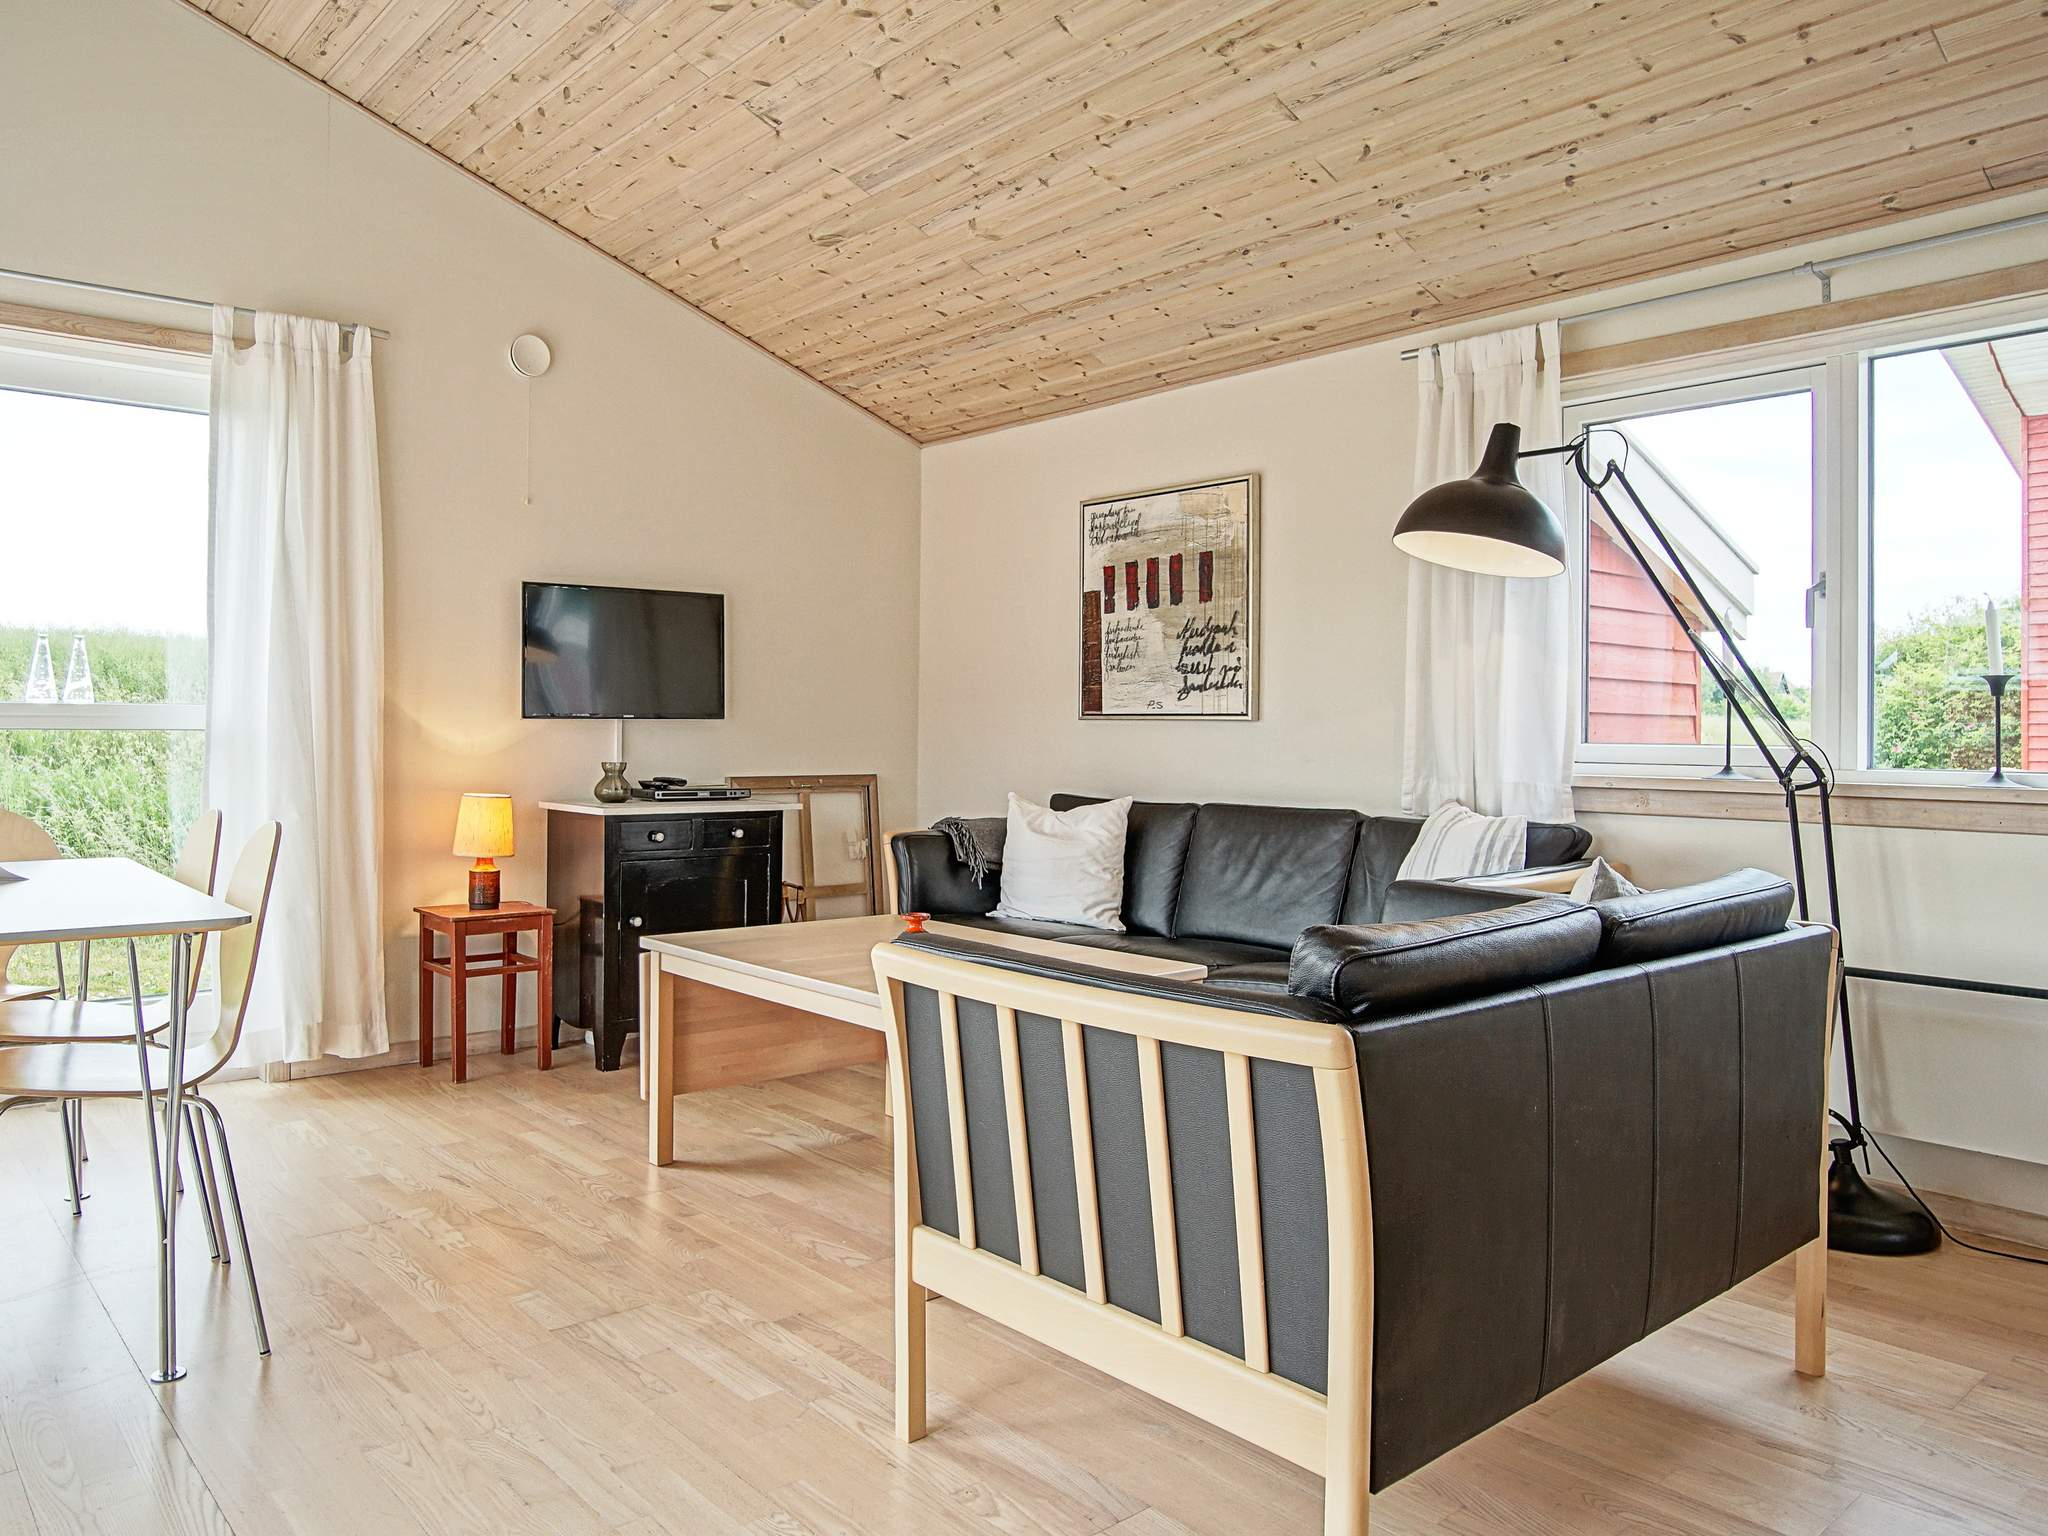 Ferienhaus Rø/Gudhjem (251662), Gudhjem, , Bornholm, Dänemark, Bild 2